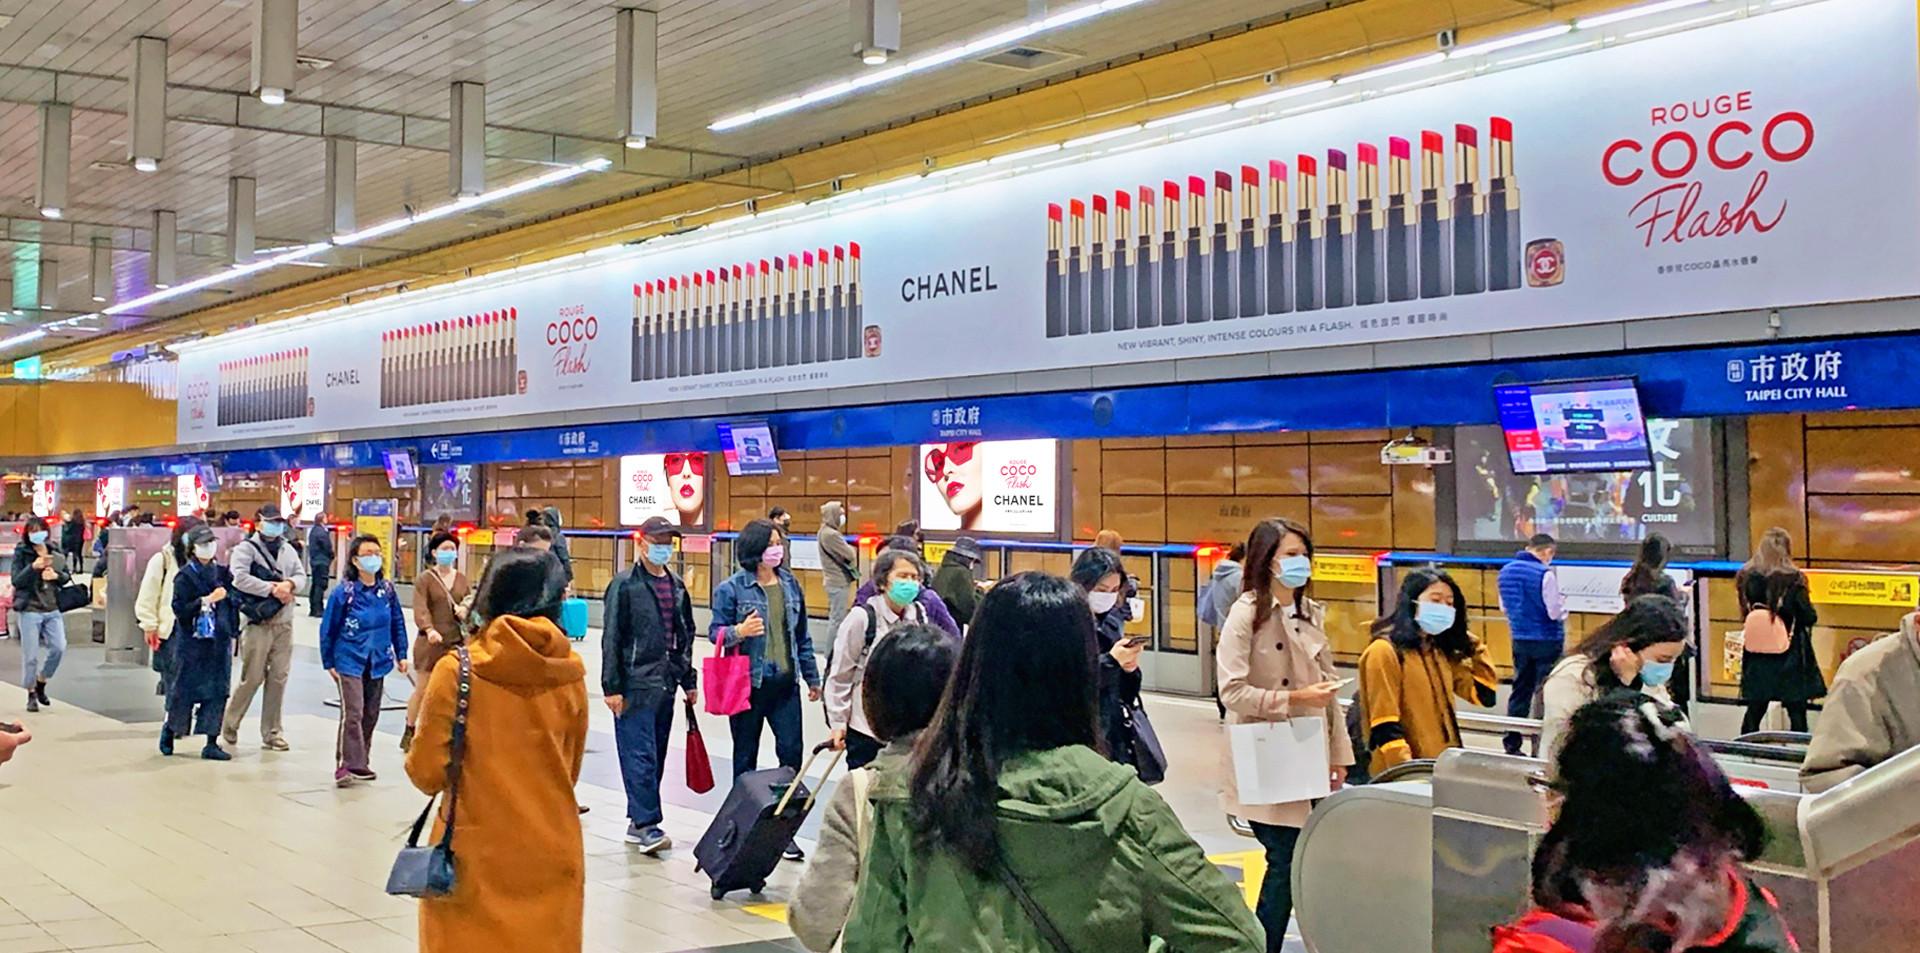 台北捷運廣告刊登 市府包站 CHANEL